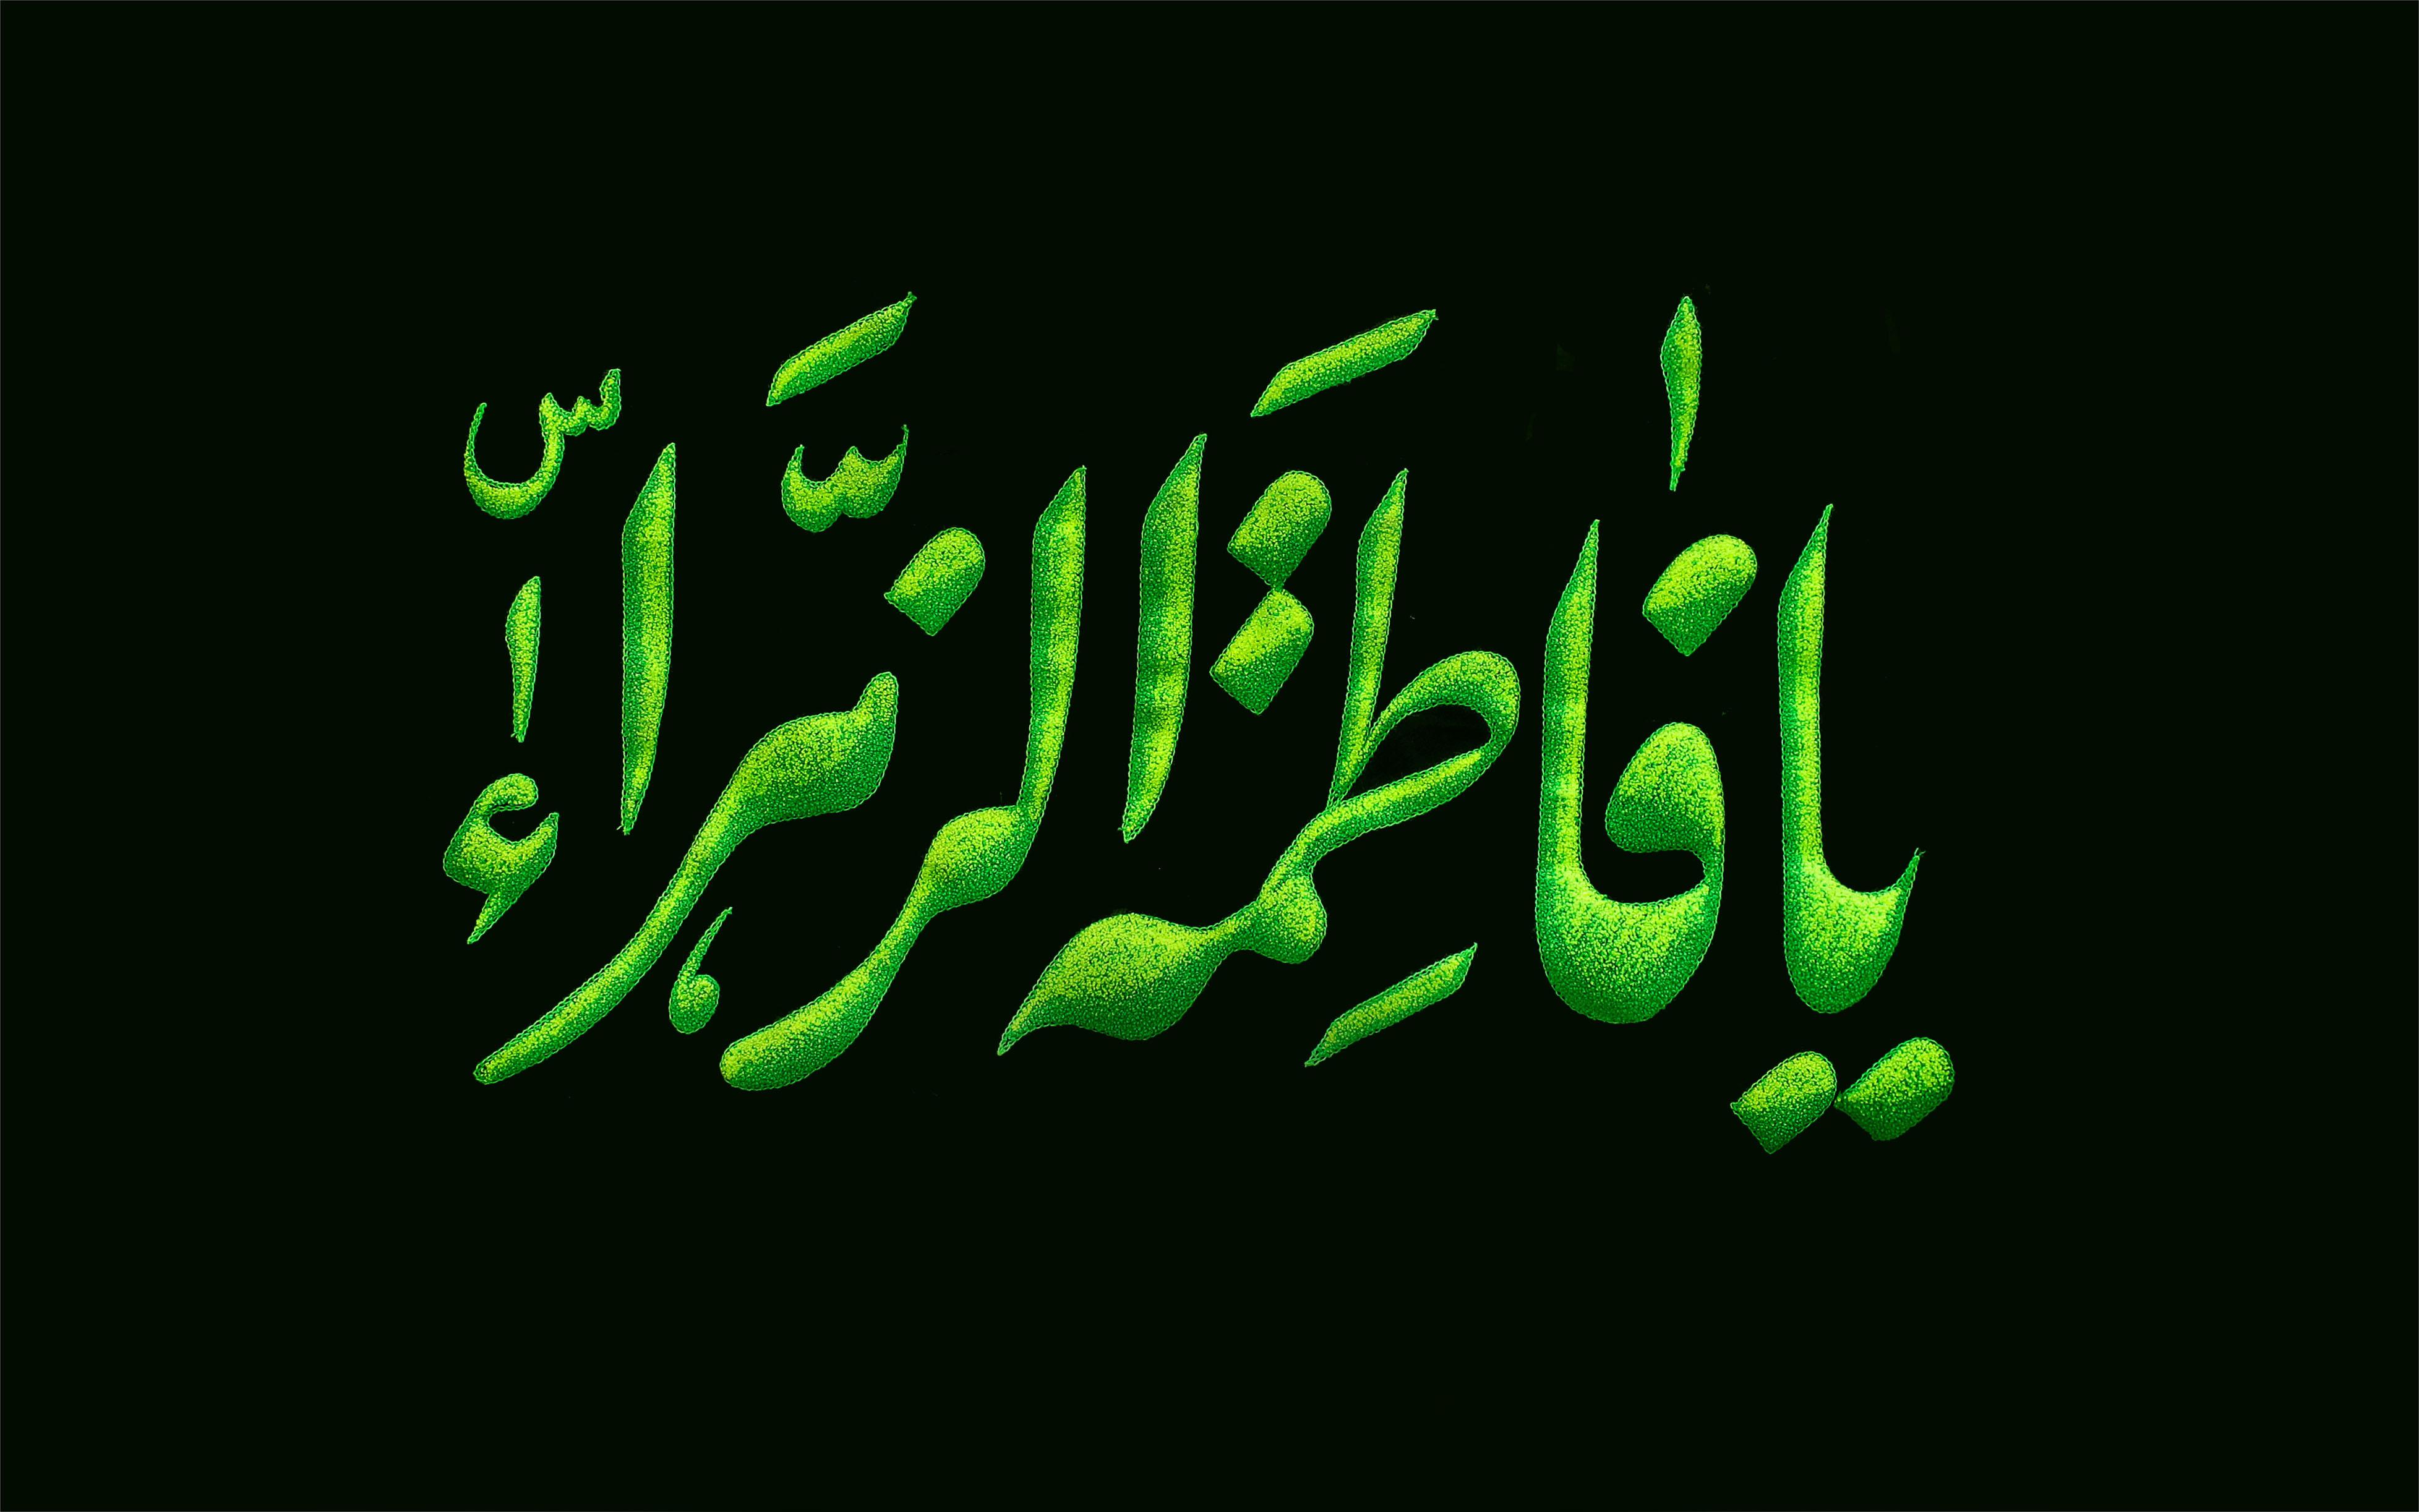 چرا باید برای حضرت زهرا گریه کنیم؟/ نمی از دریای روضه سیده النساء(س) +فیلم و صوت